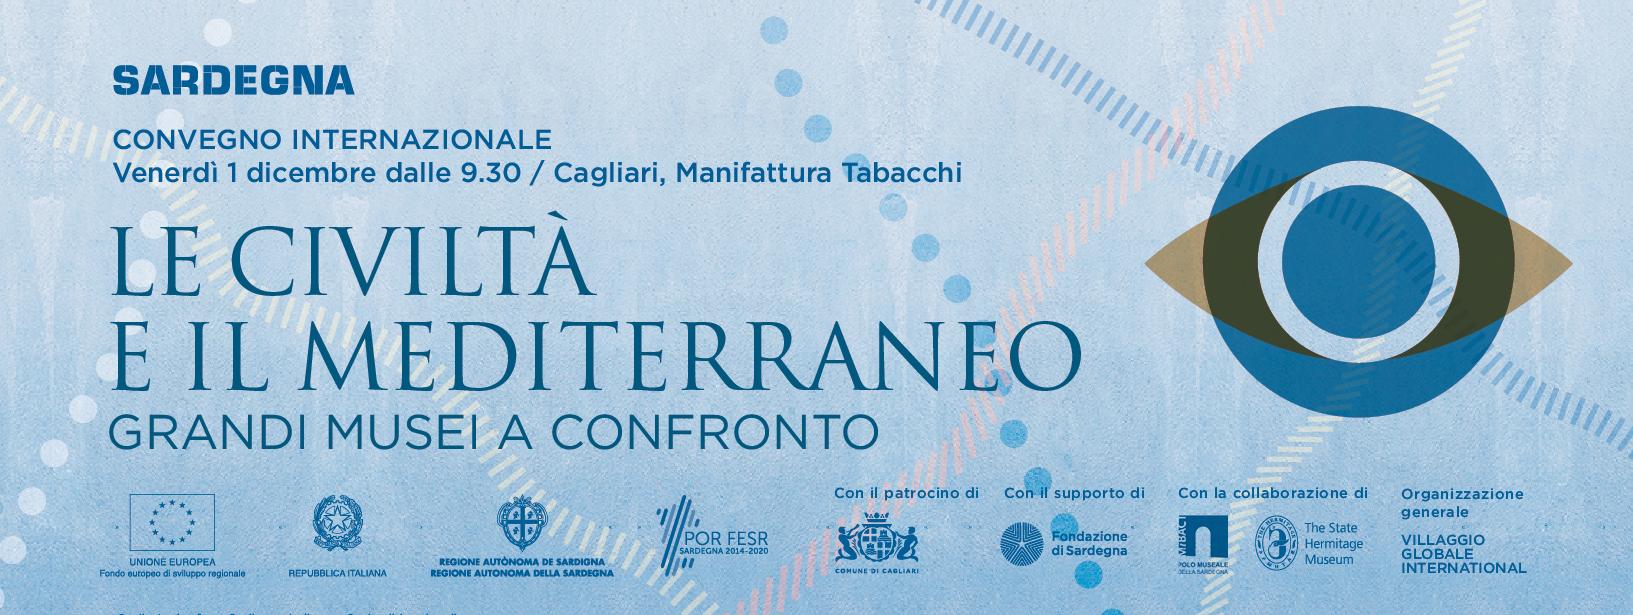 """La locandina del convegno internazionale """"Le civiltà e il Mediterraneo"""" a  Cagliari il 1° dicembre 2017 2d8ad0693396"""